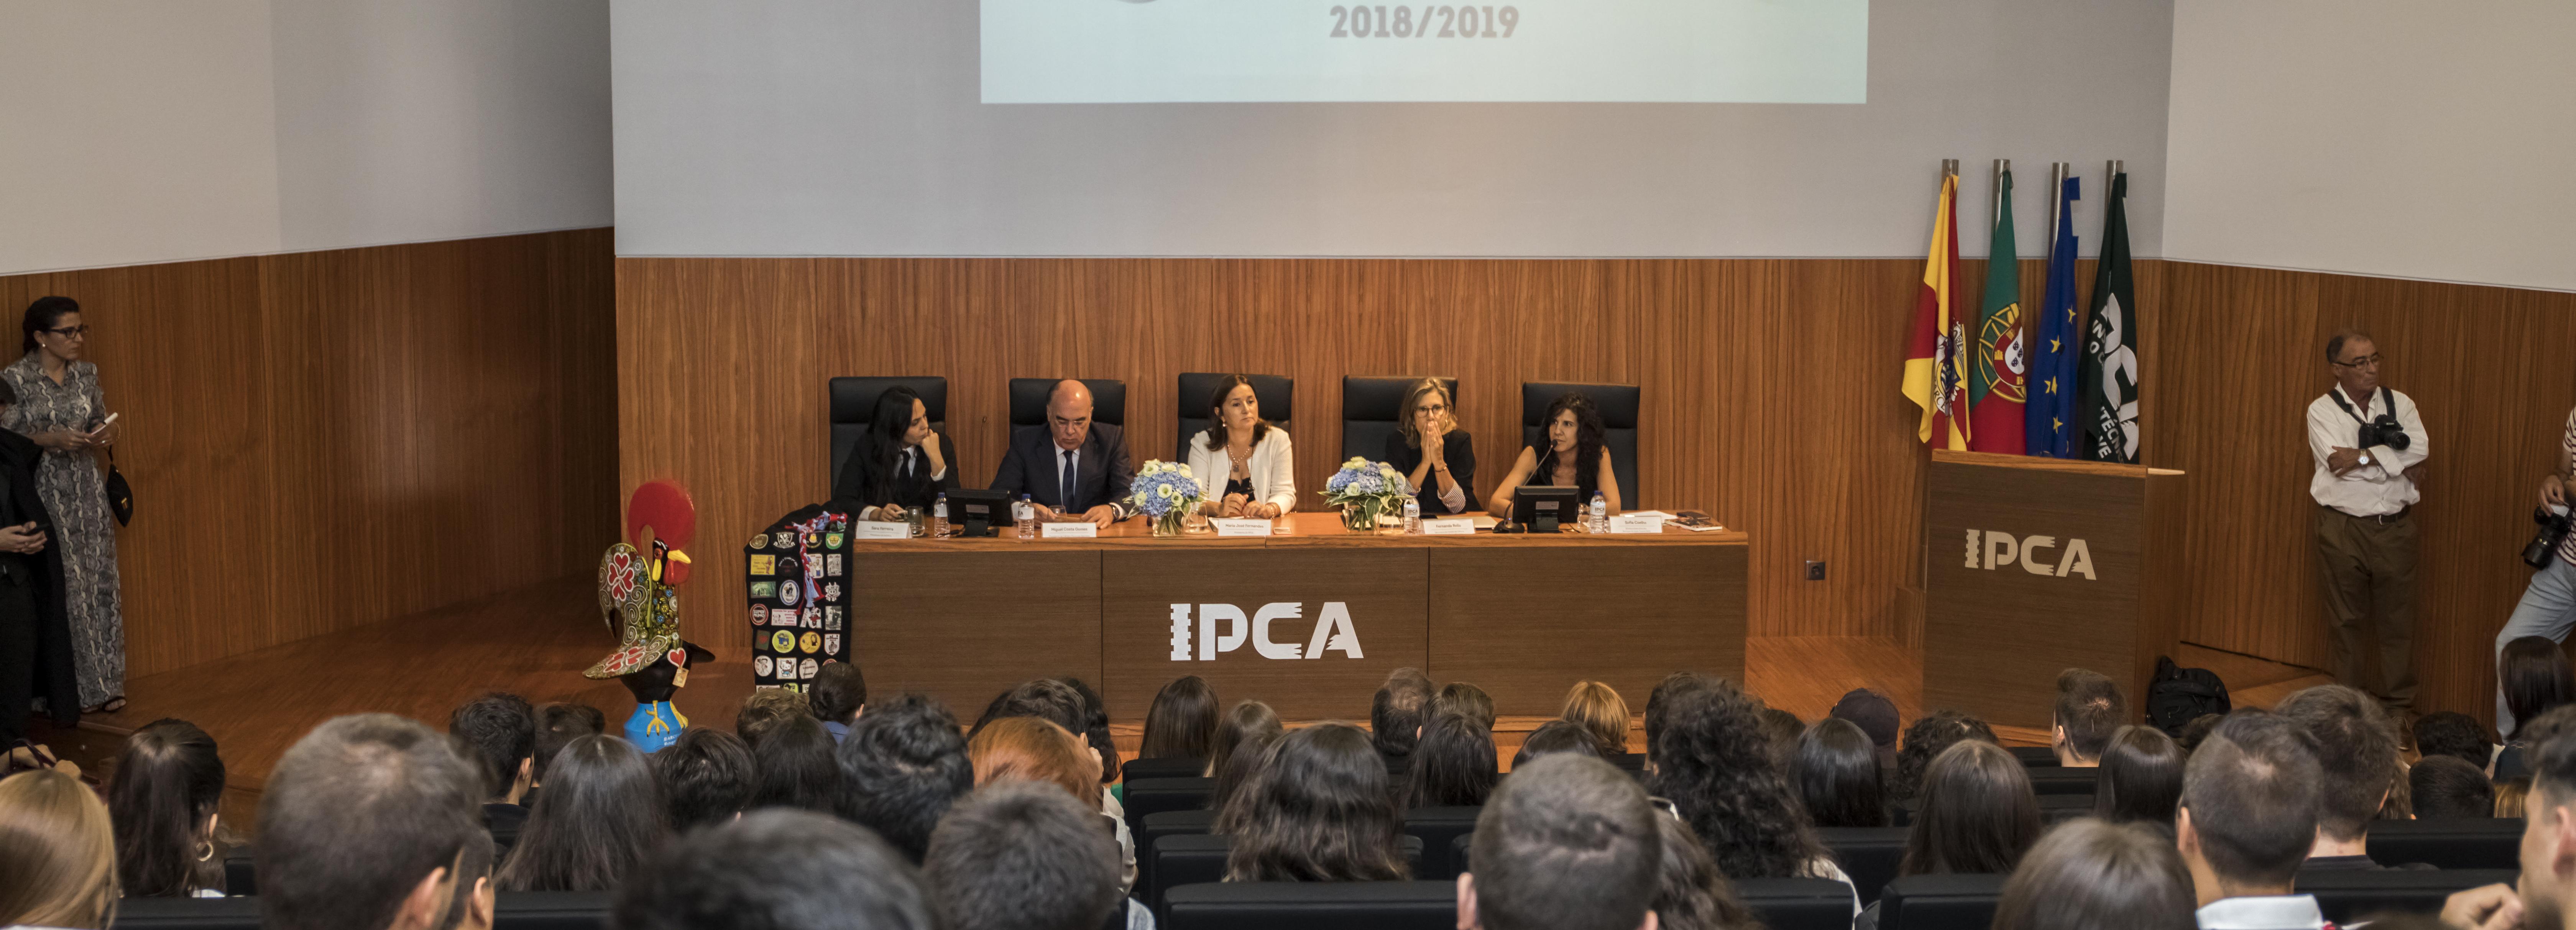 Presidente da Câmara e Secretária de Estado da Ciência, Tecnologia e Ensino Superior na abertura do WELCOME IPCA 2018